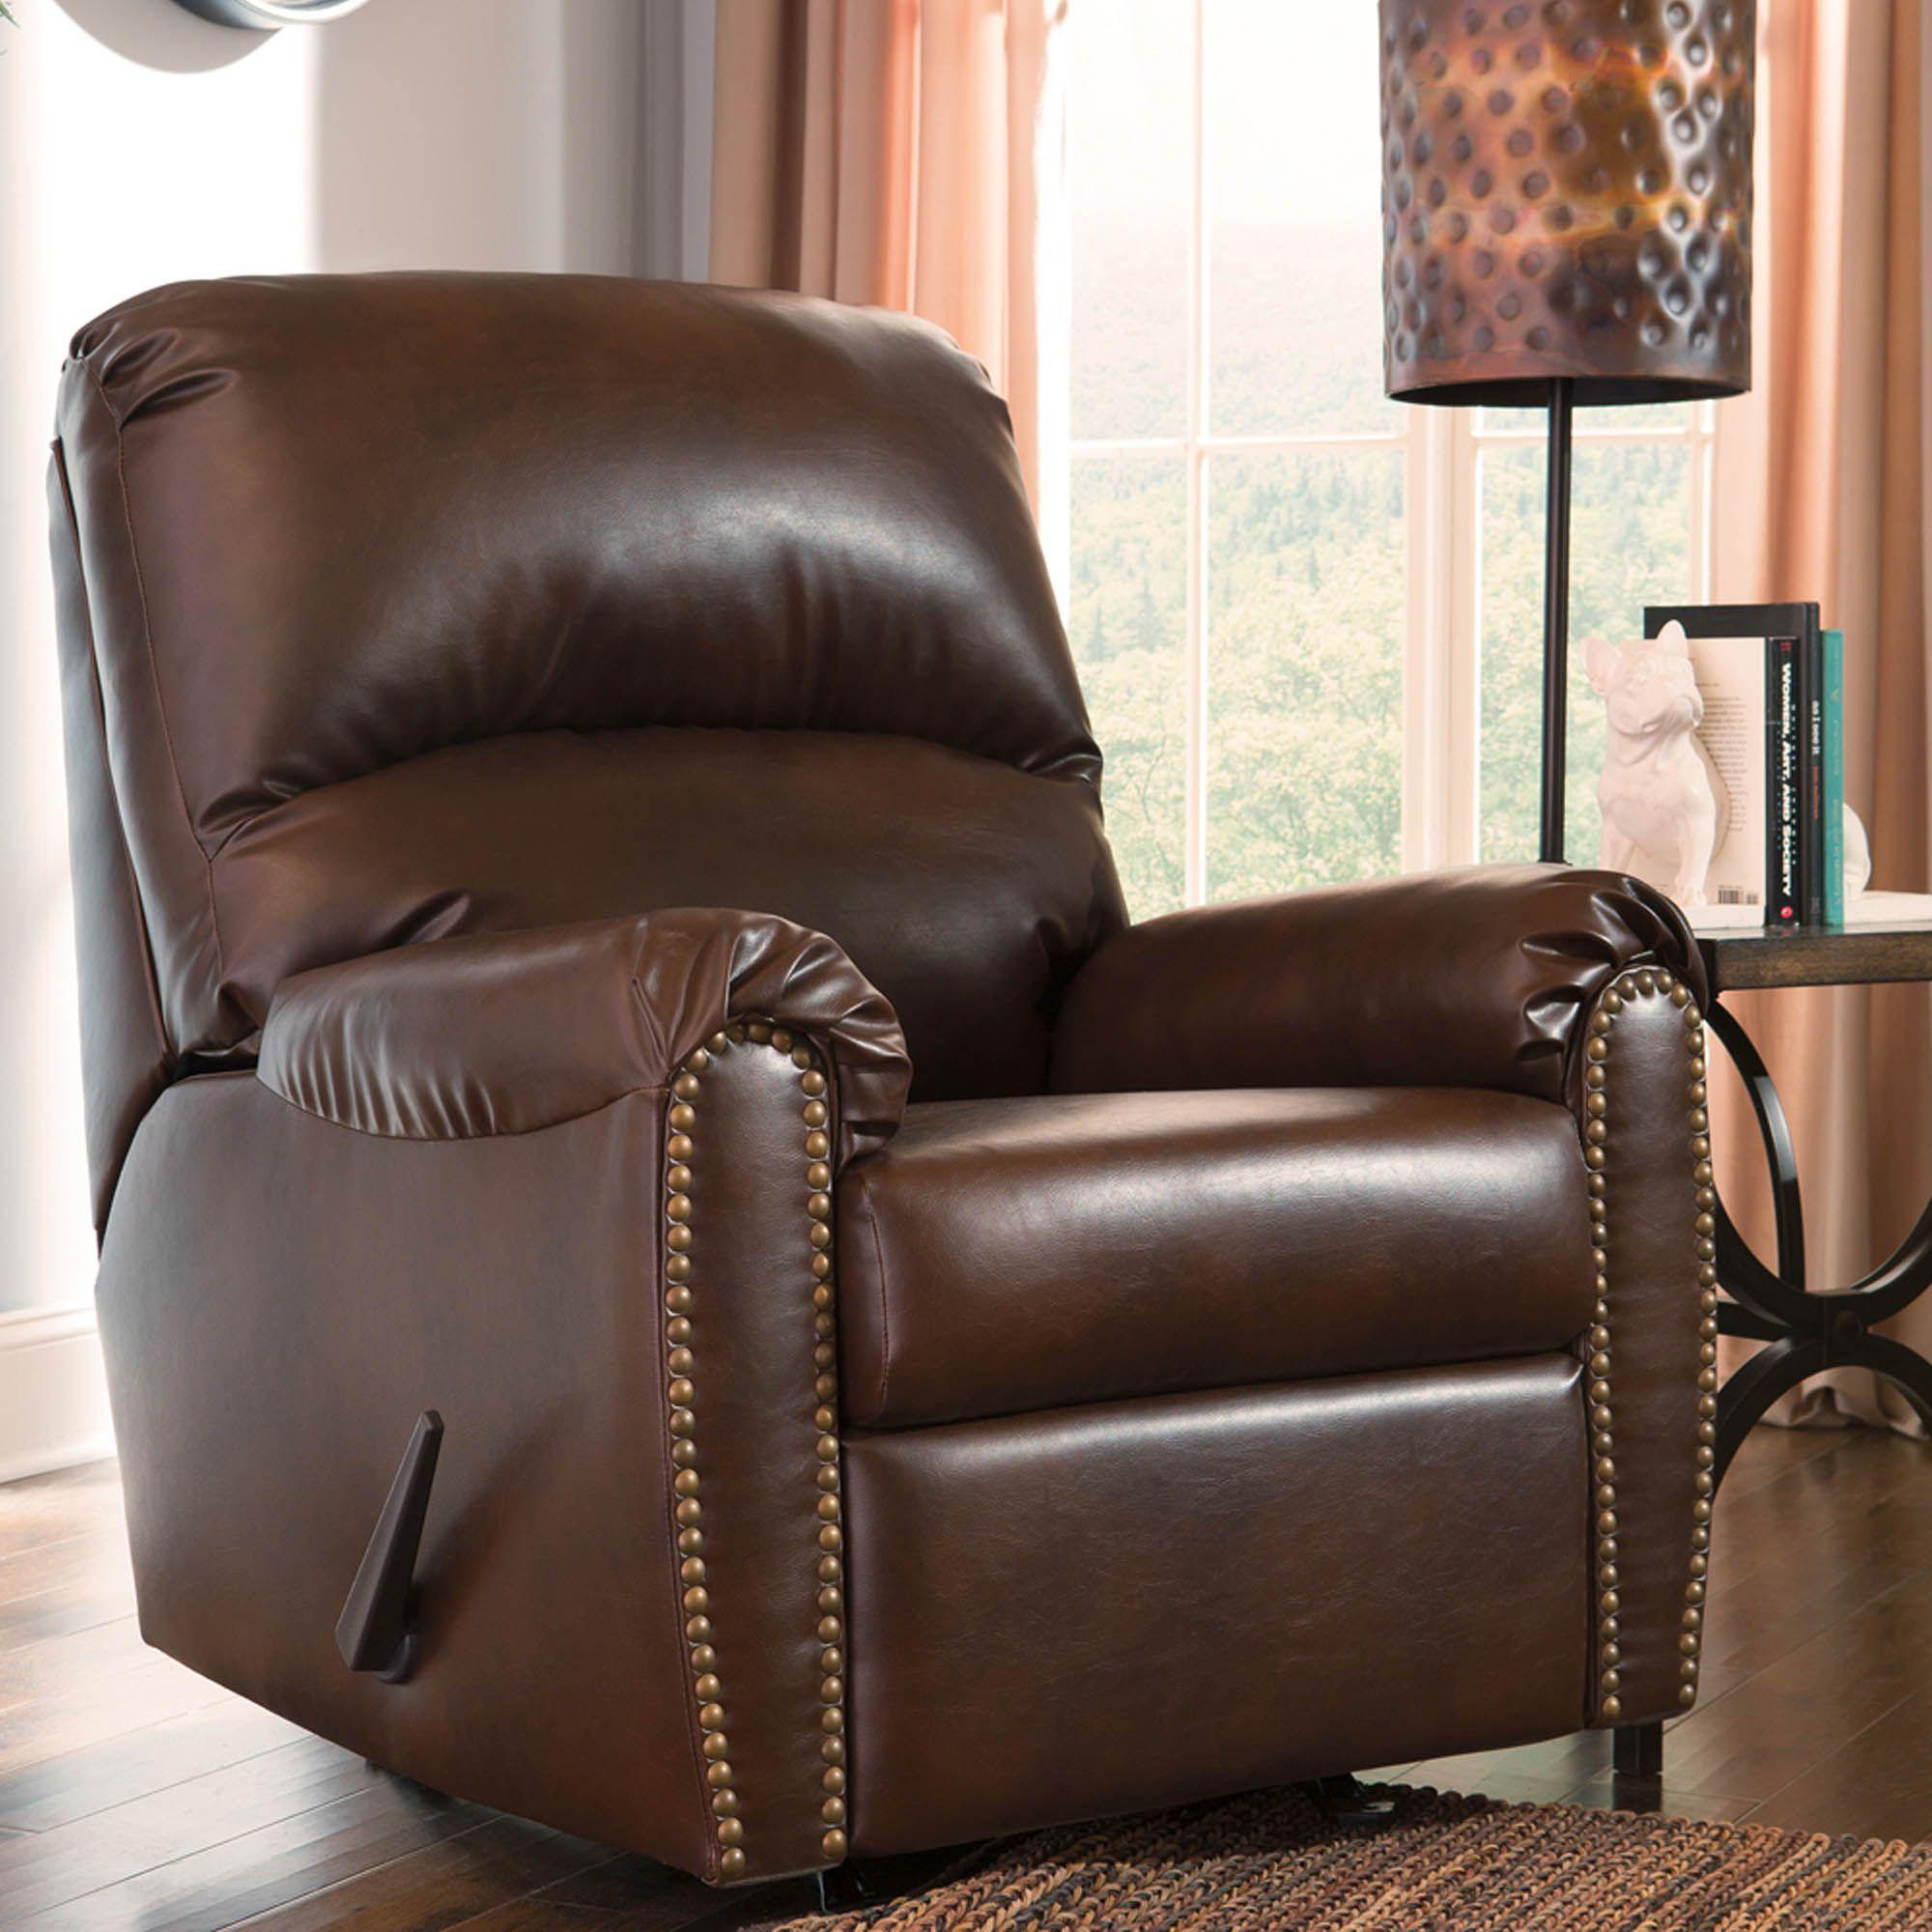 Lottie chocolate rocker recliner rocker recliners